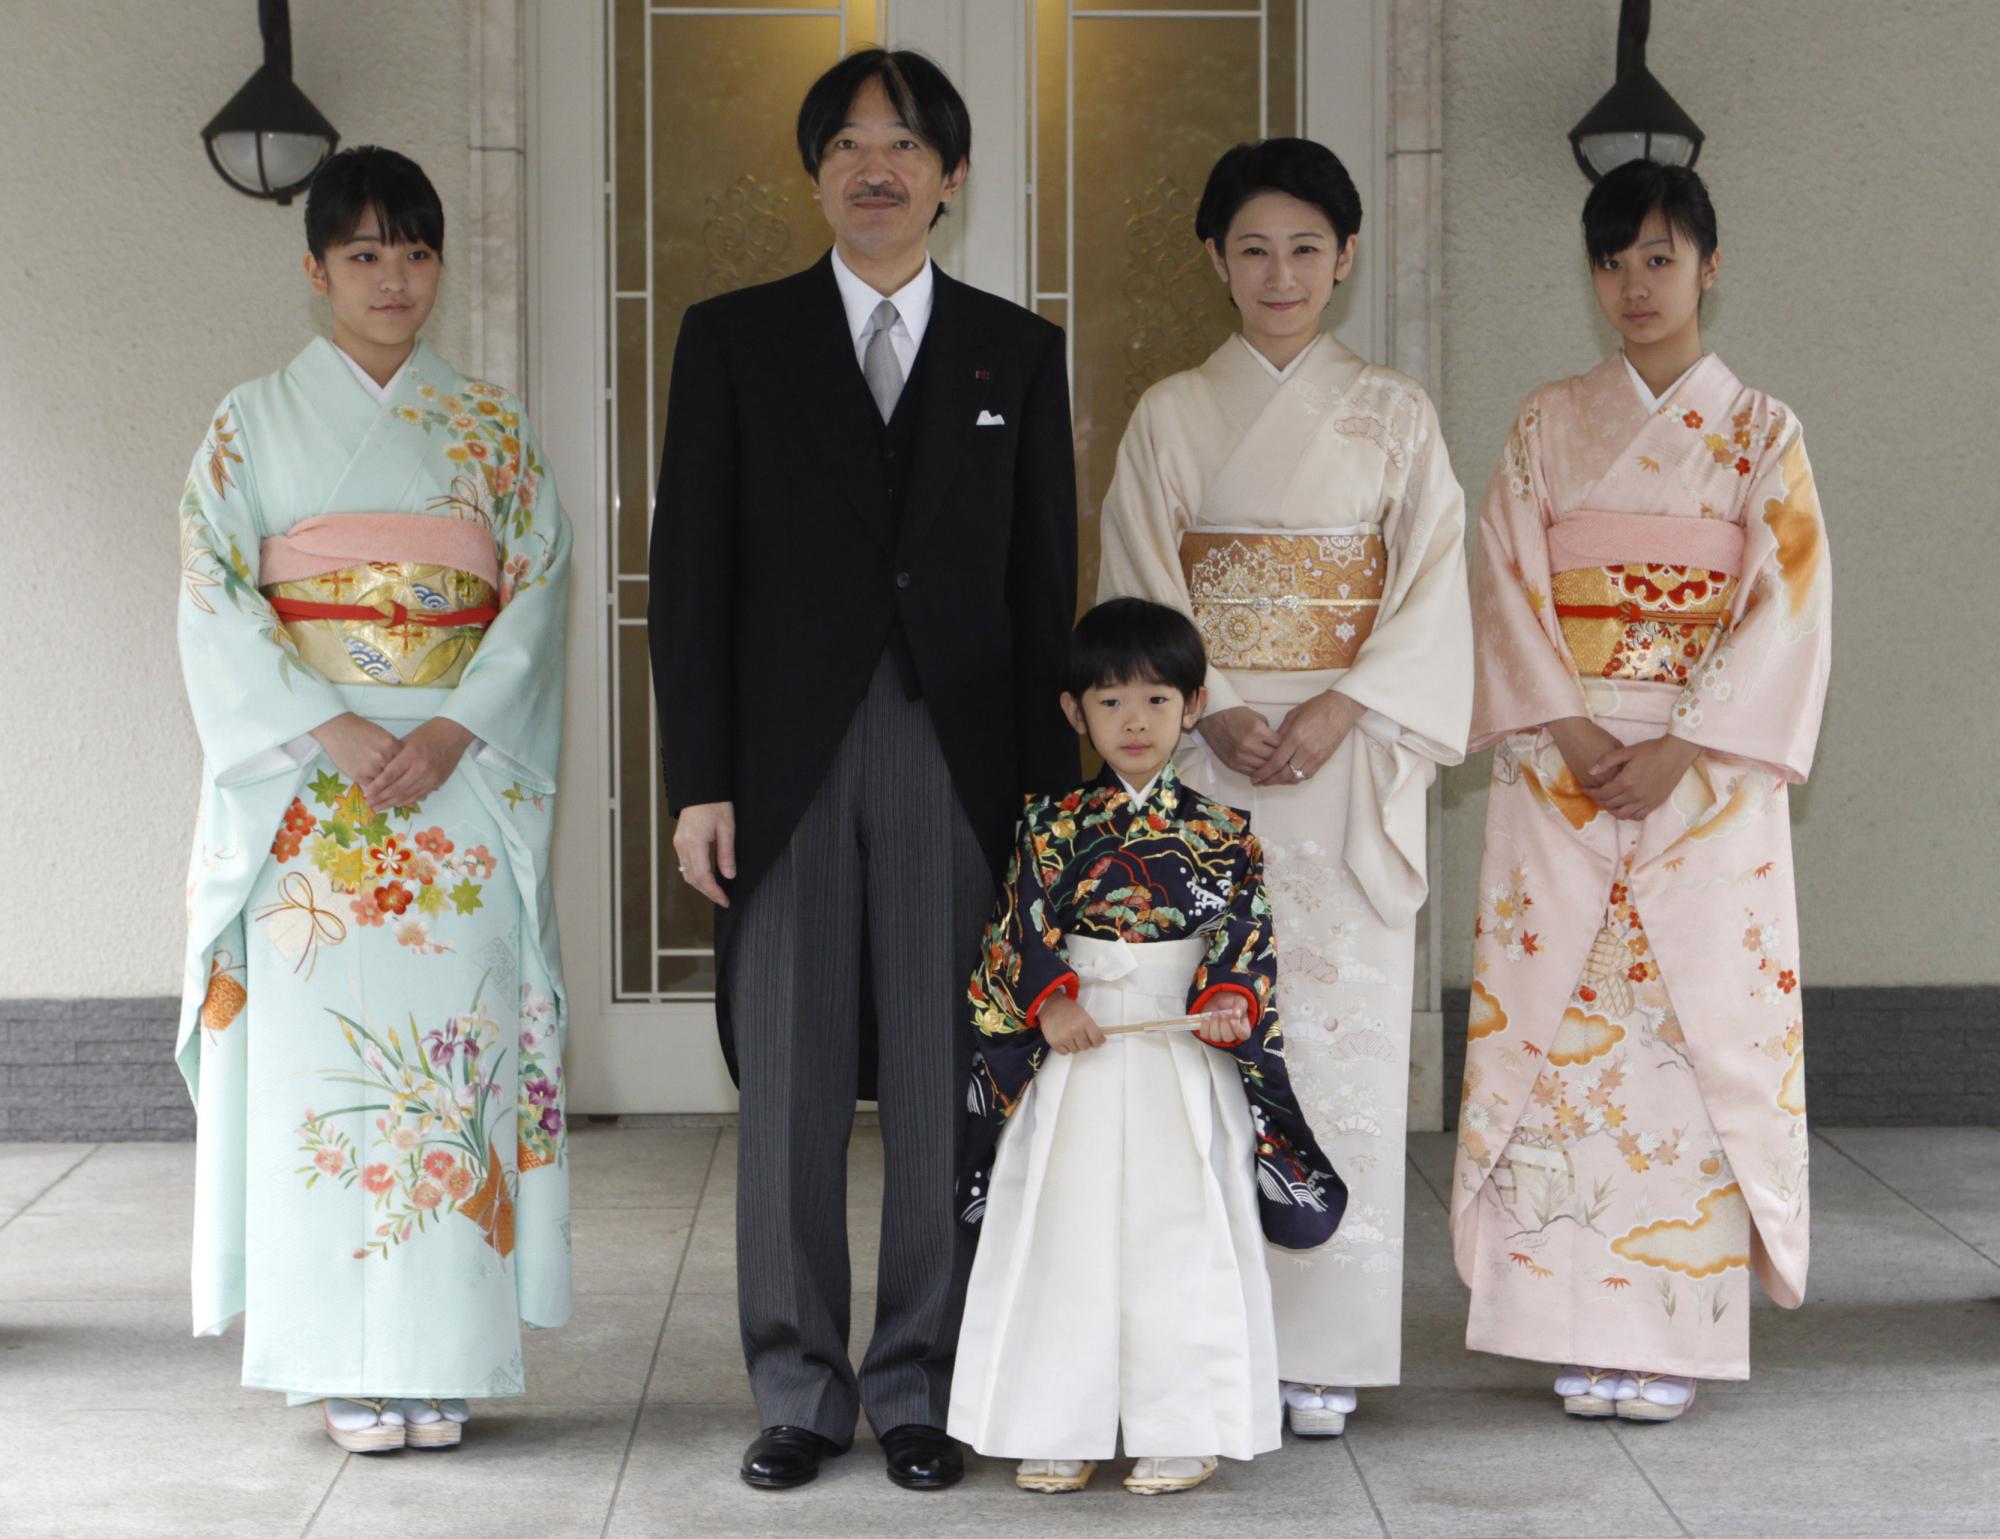 Japonya Prensesi, aşkı için unvanından vazgeçti: Çok mutluyum